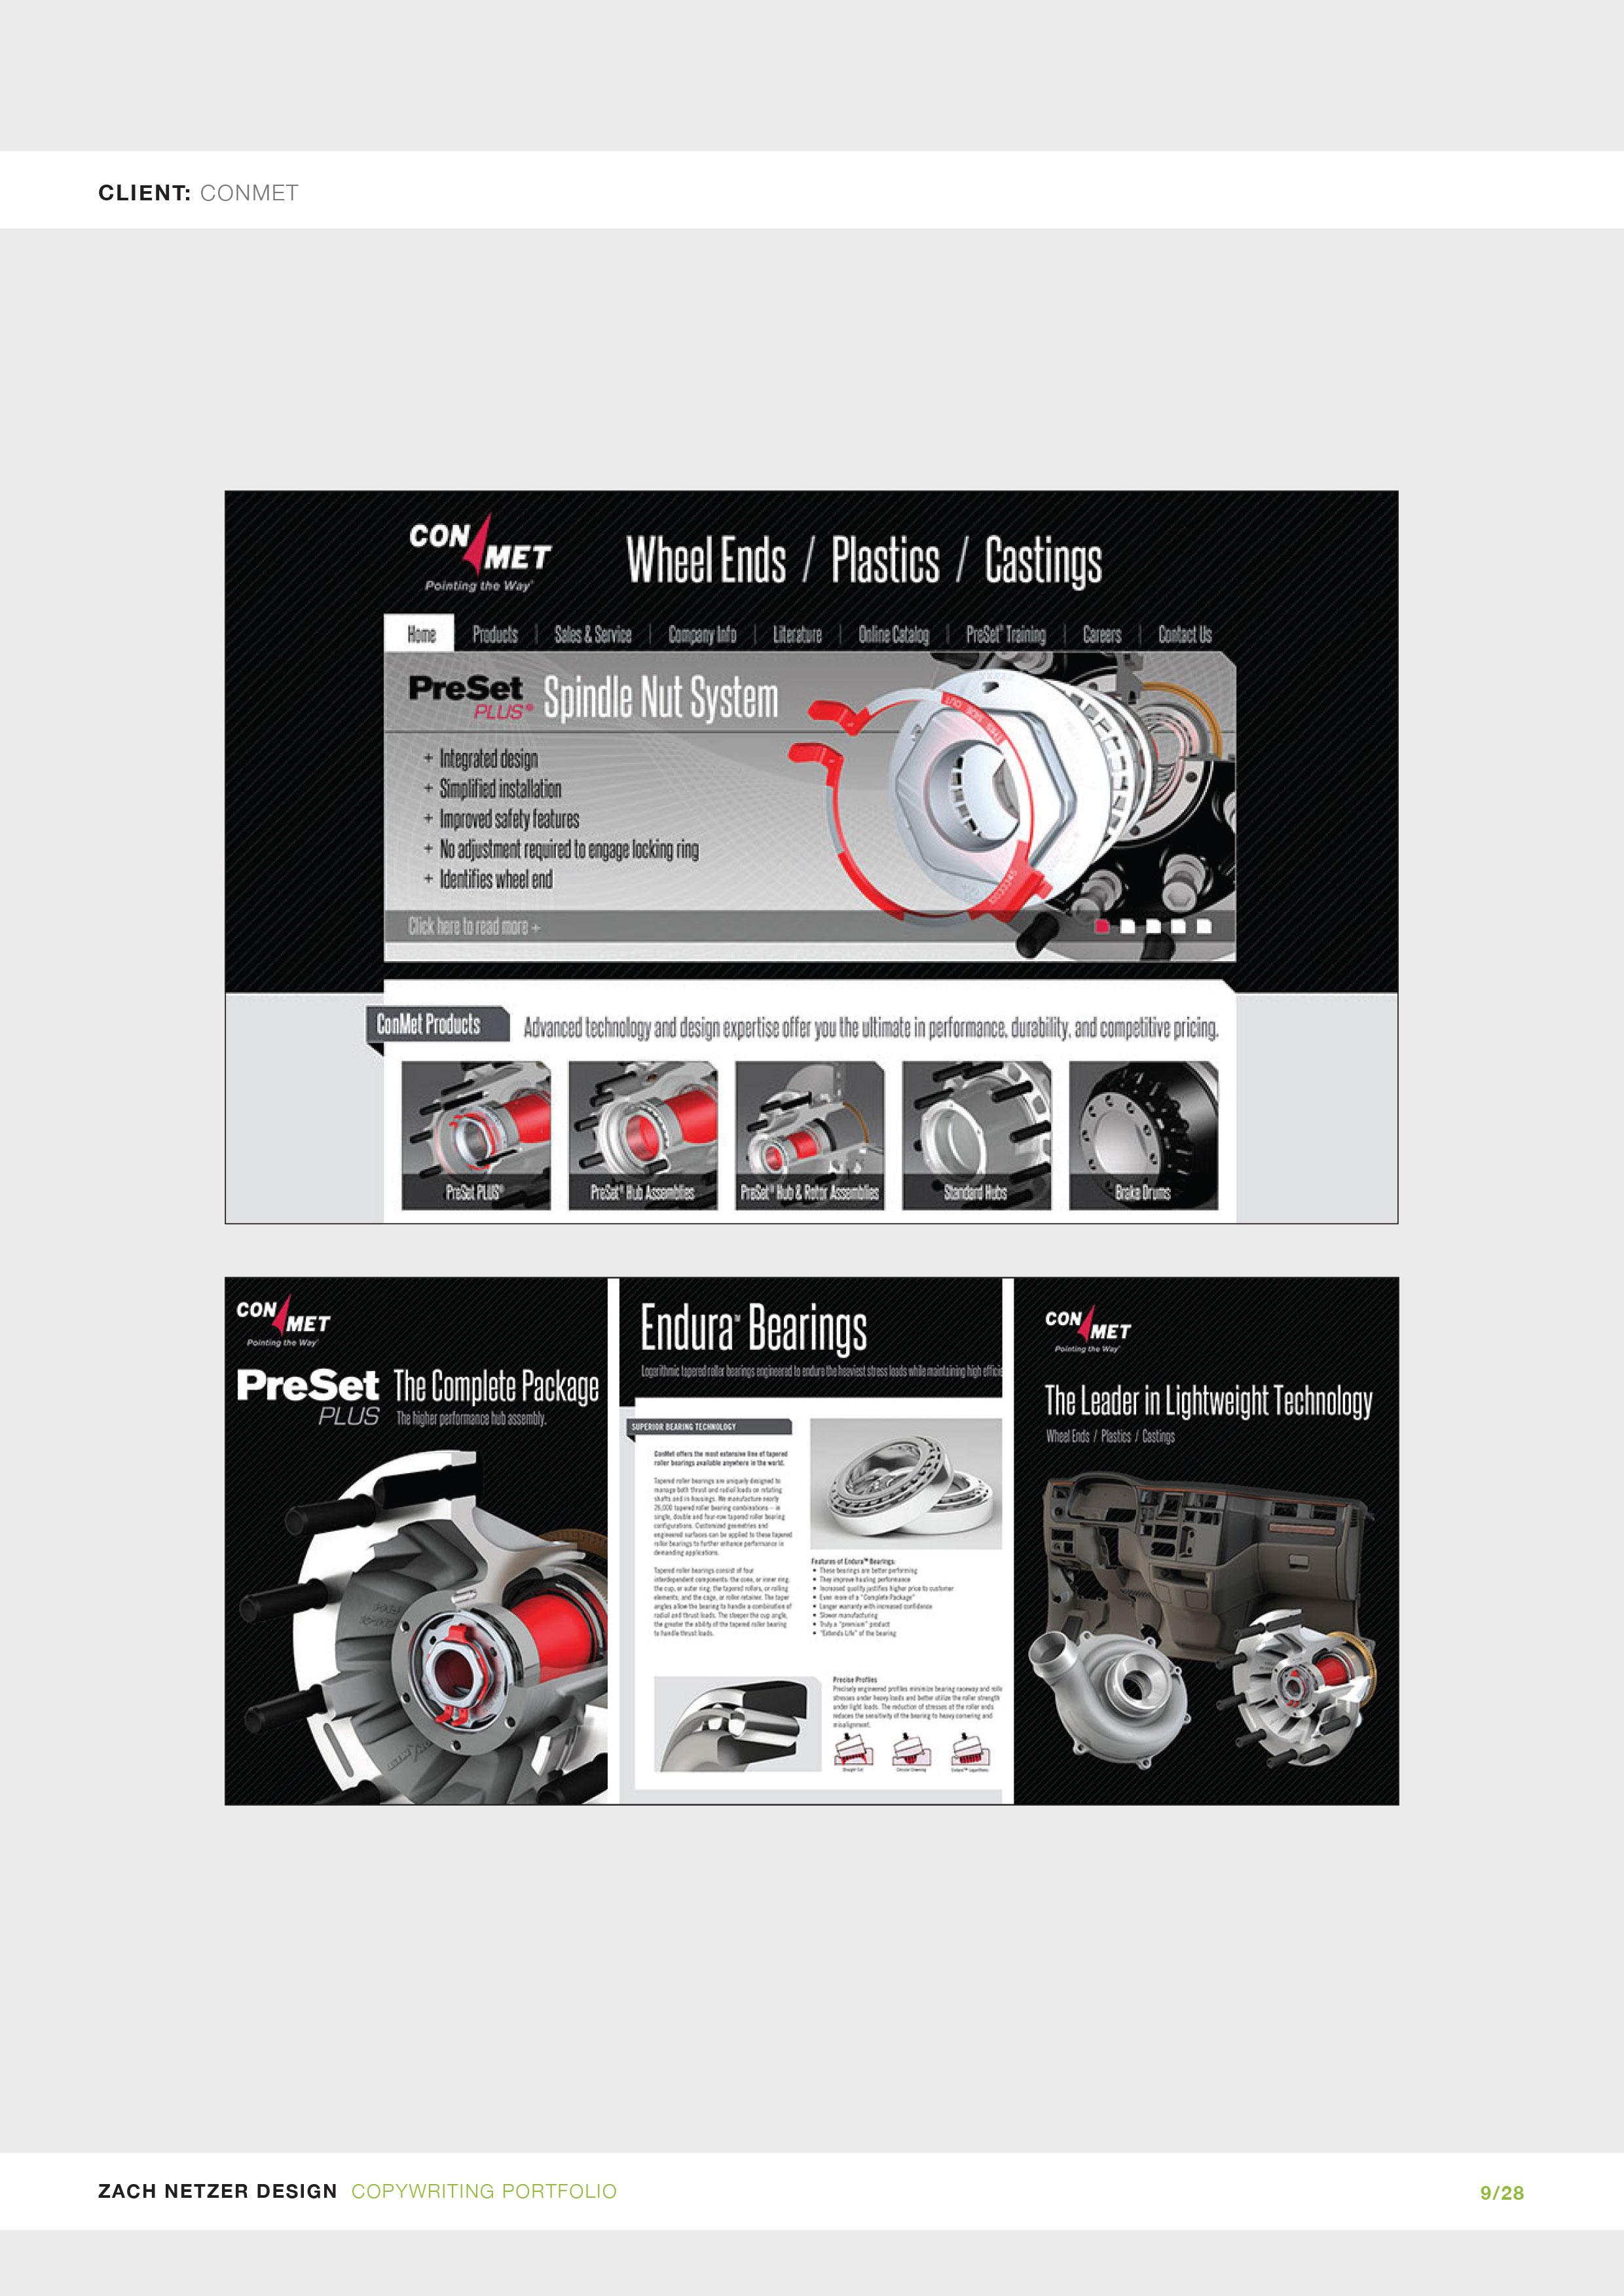 Zach-Netzer-Design---Copywriting-Portfolio-9.jpg